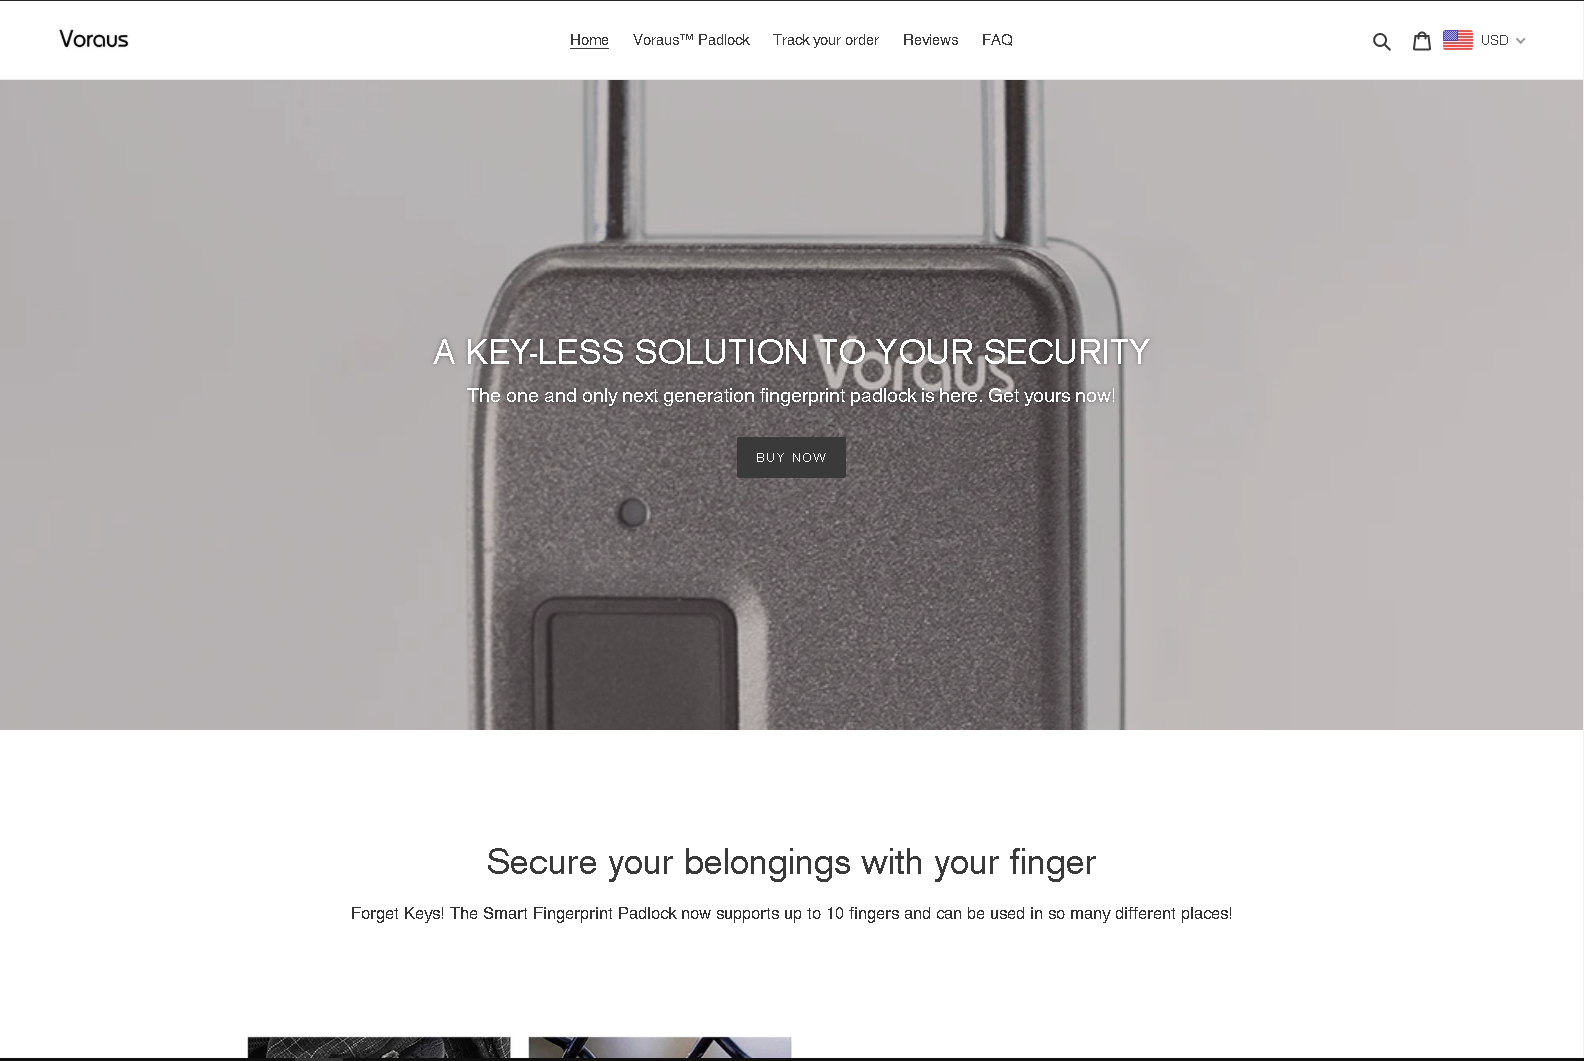 voraus website